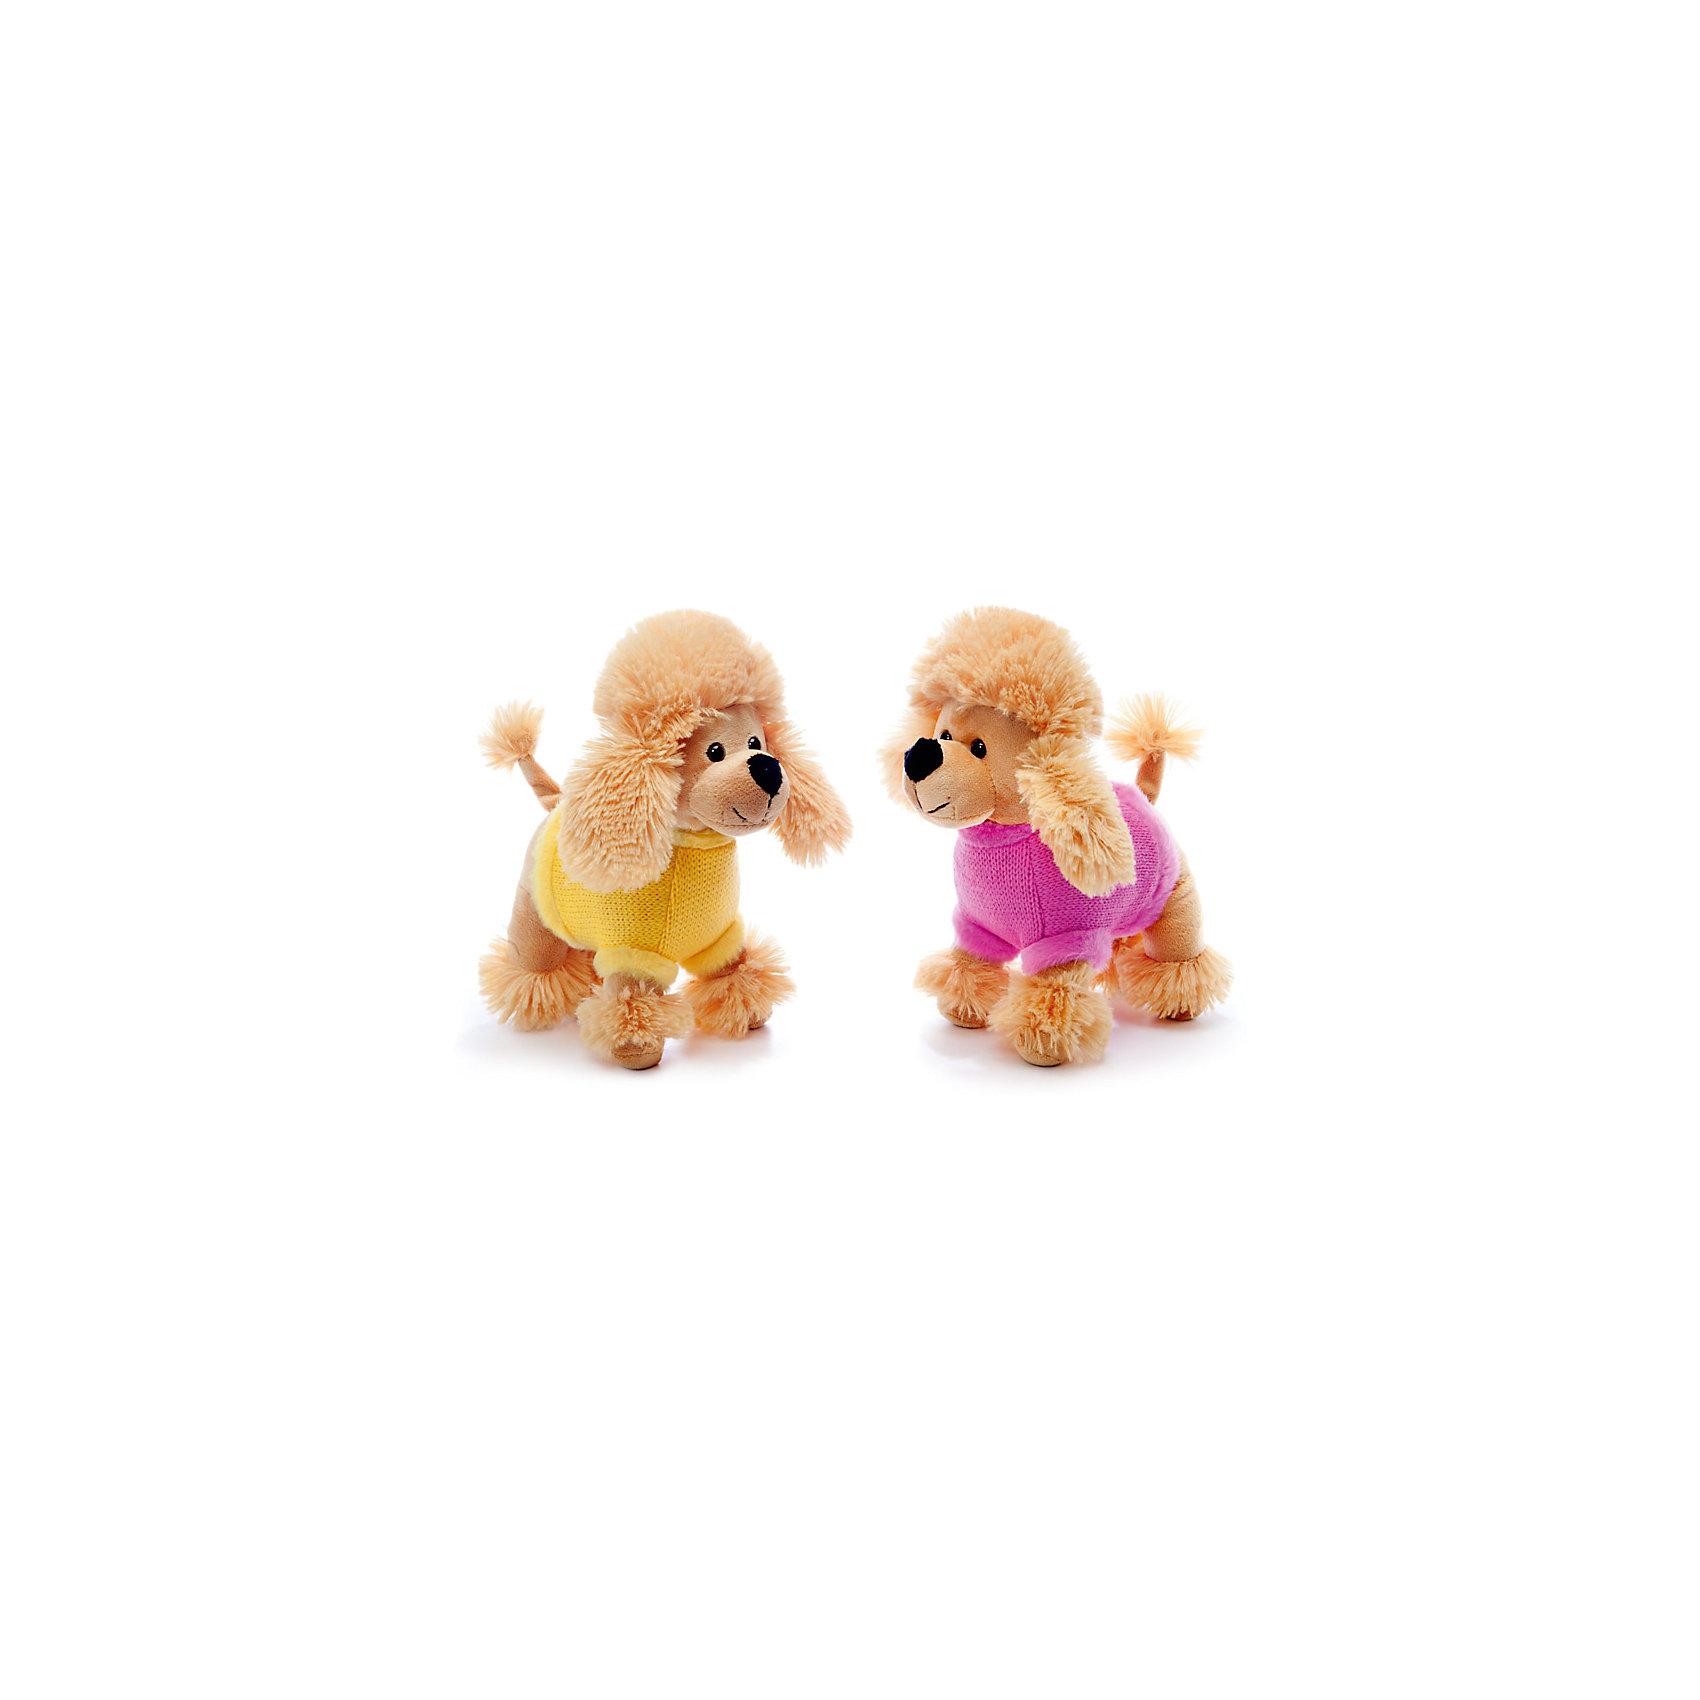 Пудель музыкальный, 21 см., LAVAКошки и собаки<br>Этот милый пудель приведет в восторг любого ребенка! Он очень мягкий, приятный на ощупь и умеет петь веселую песенку. Игрушка изготовлена из высококачественного материала, абсолютно безопасного для детей. <br><br>Дополнительная информация:<br><br>- Материал: искусственный мех, текстиль, синтепон, пластик.<br>- Высота: 21 см. <br>- Поет песенку.<br>- Элемент питания: батарейка (в комплекте).<br><br>Пуделя музыкального, 21 см., LAVA (ЛАВА) можно купить в нашем магазине.<br><br>Ширина мм: 150<br>Глубина мм: 150<br>Высота мм: 210<br>Вес г: 375<br>Возраст от месяцев: 36<br>Возраст до месяцев: 1188<br>Пол: Унисекс<br>Возраст: Детский<br>SKU: 4444185